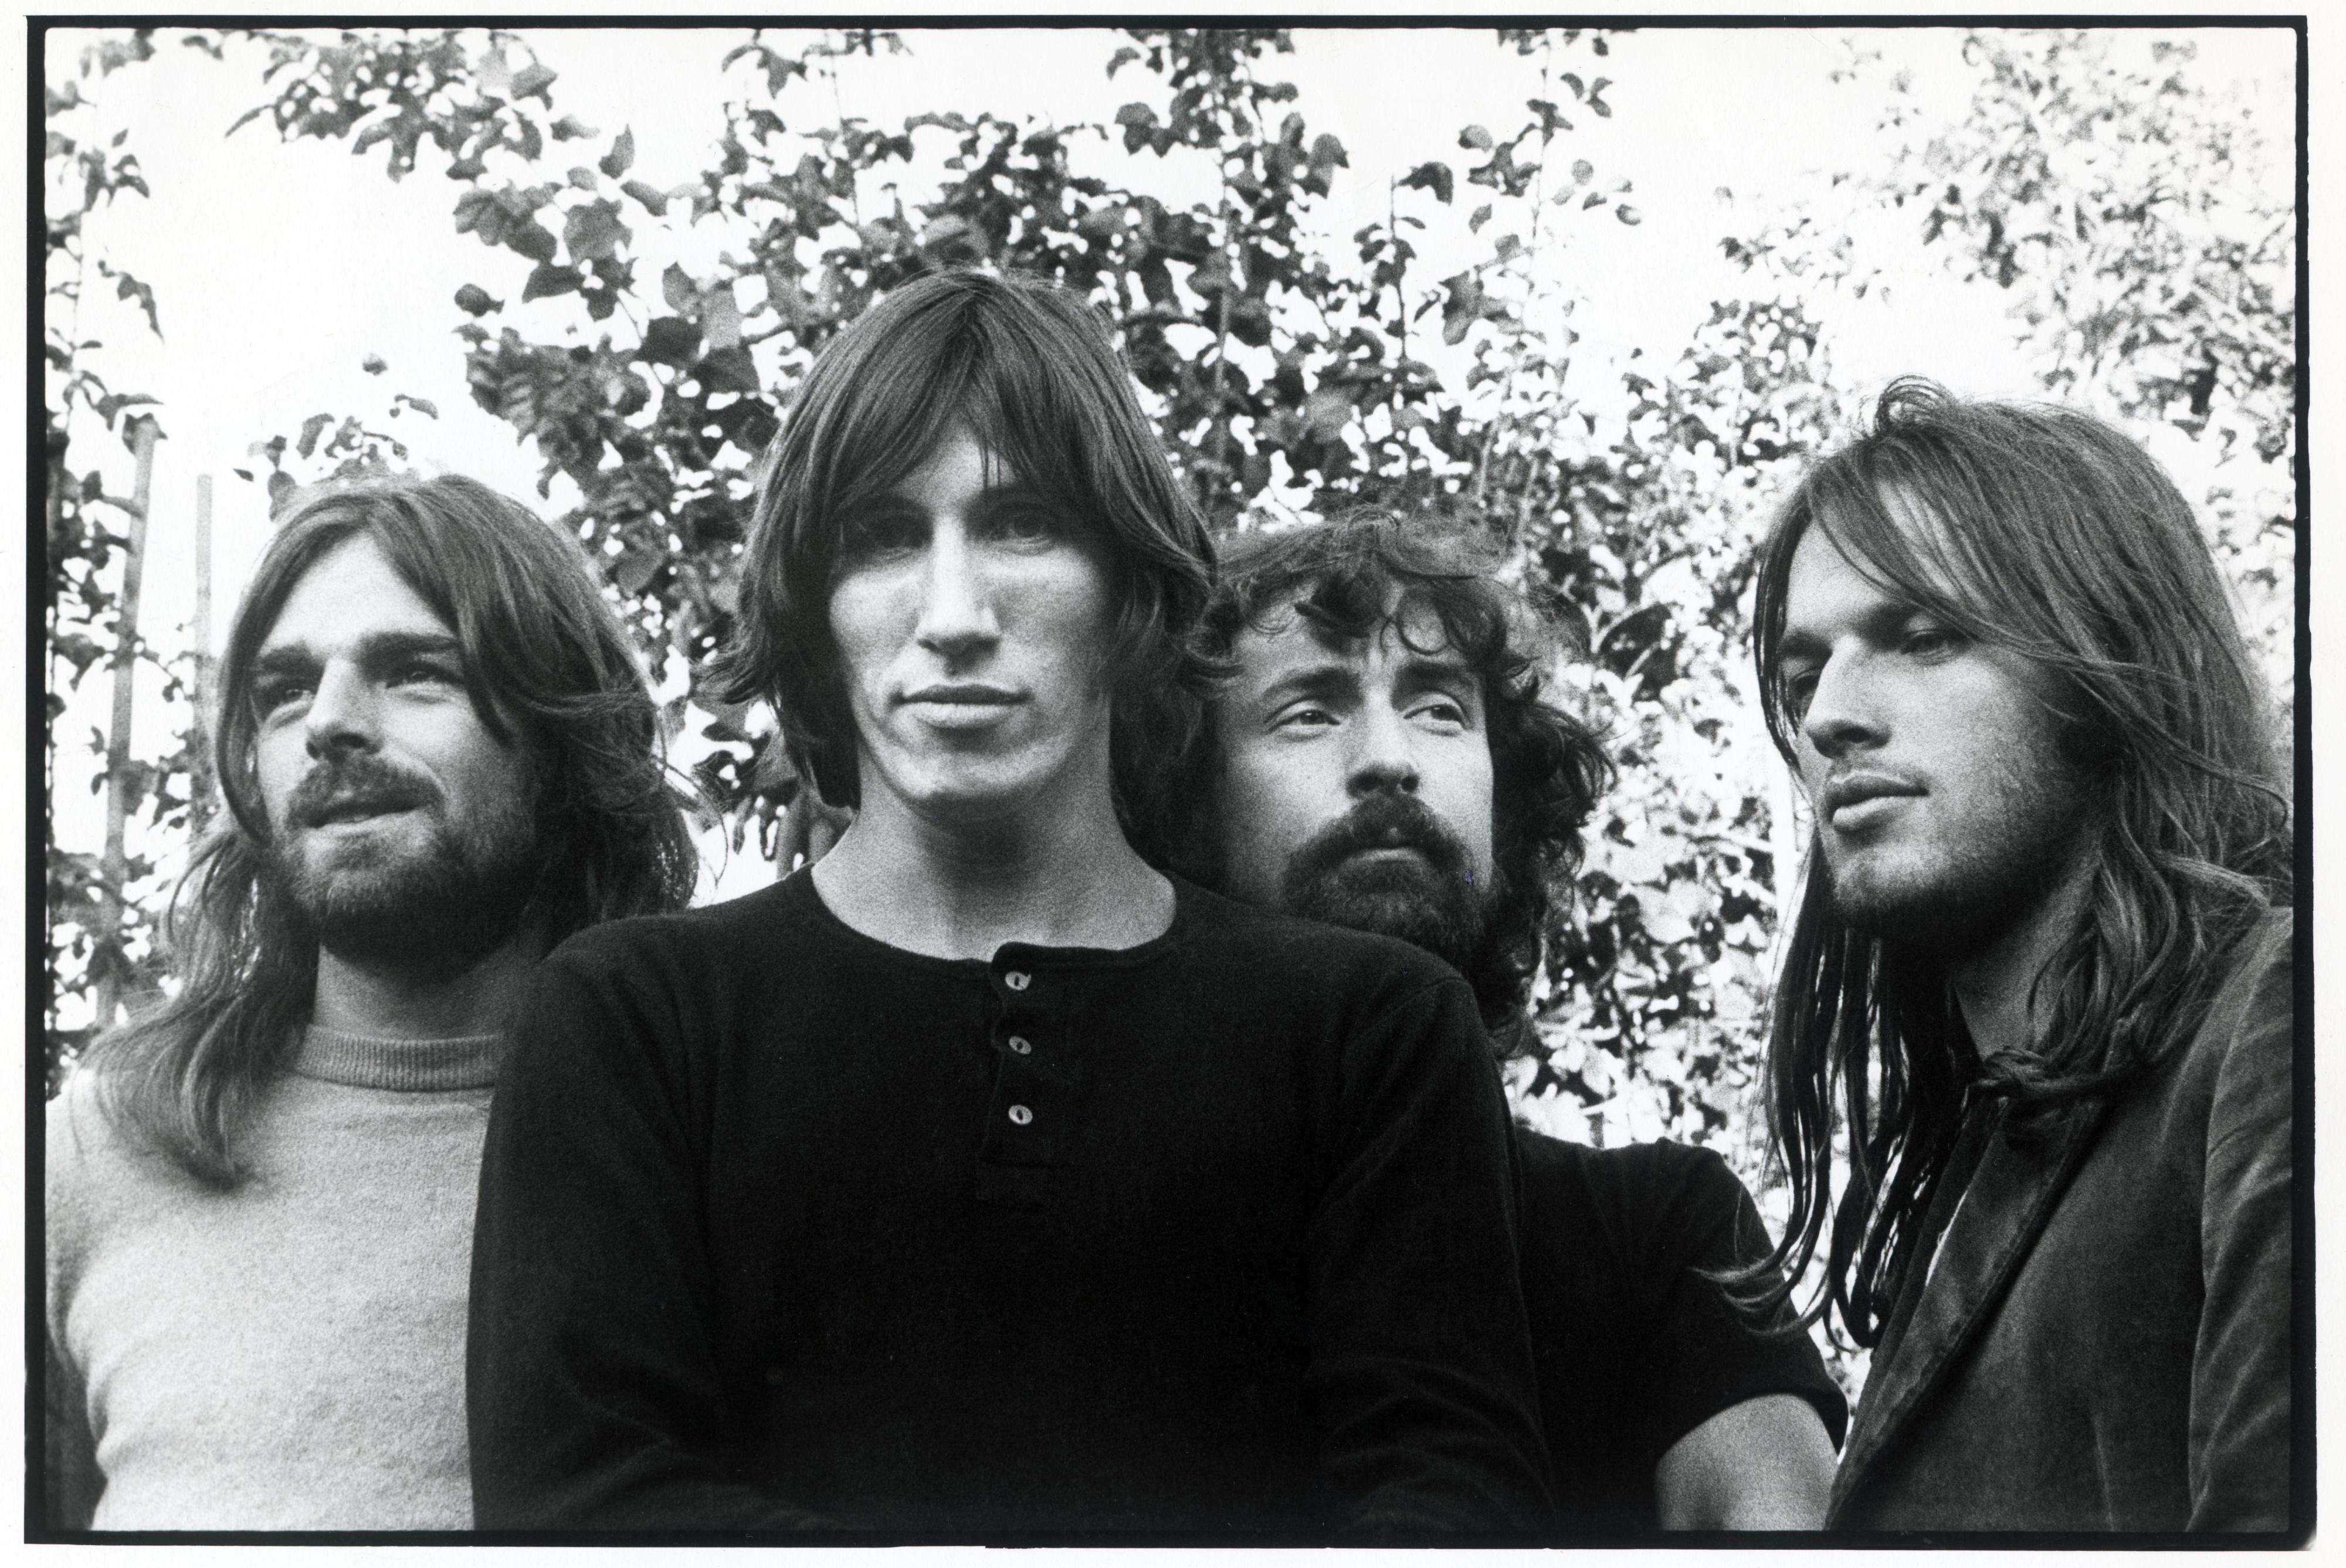 Os integrantes do Pink Floyd deram novas informações nesta semana sobre The Endless River, primeiro disco de inéditas do grupo britânico em 20 anos. Foto: Divulgação